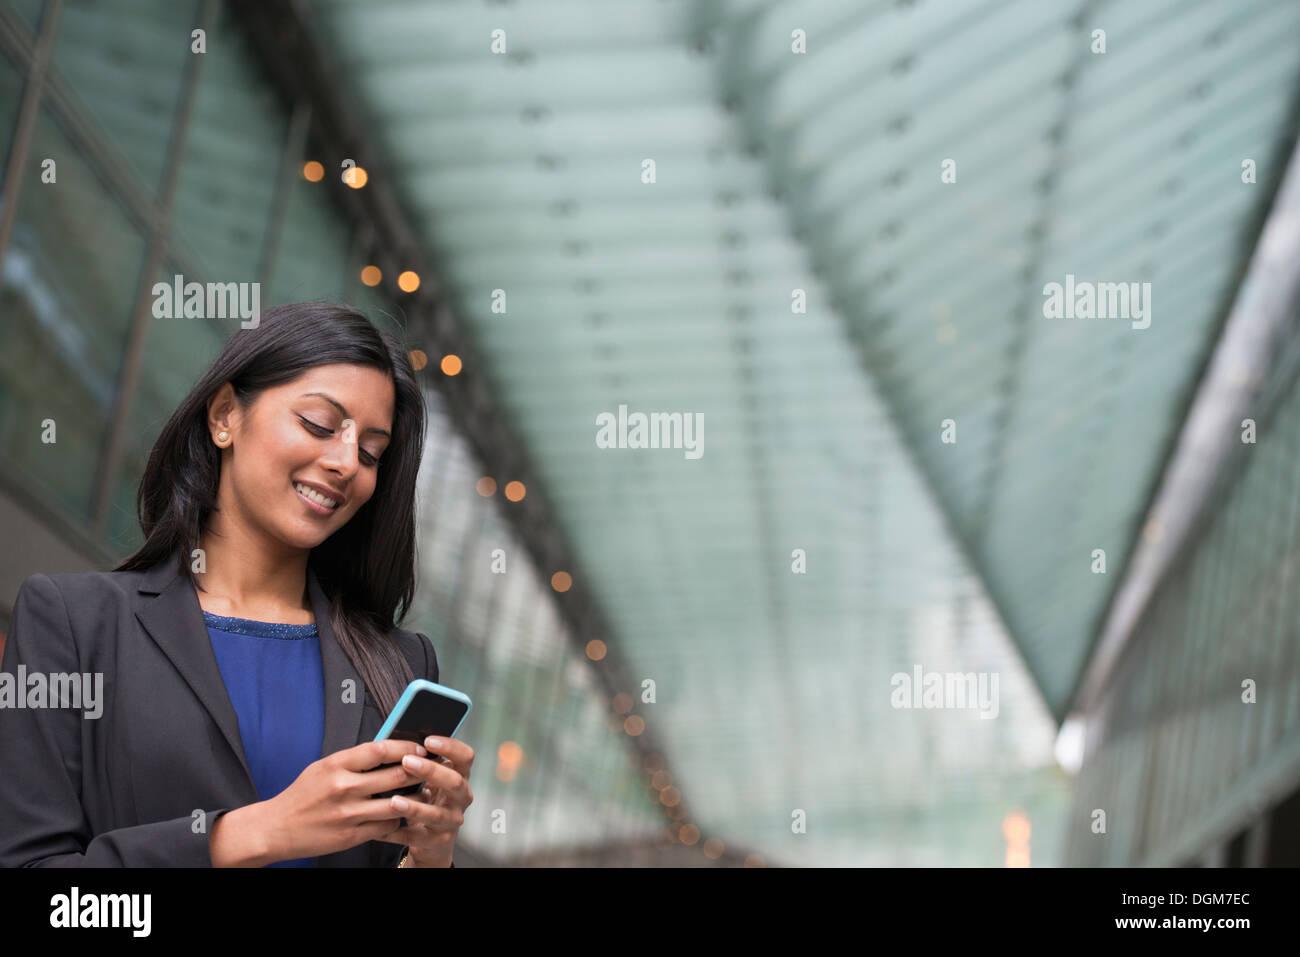 La gente di affari. Una giovane donna in un vestito blu e giacca grigia. Immagini Stock